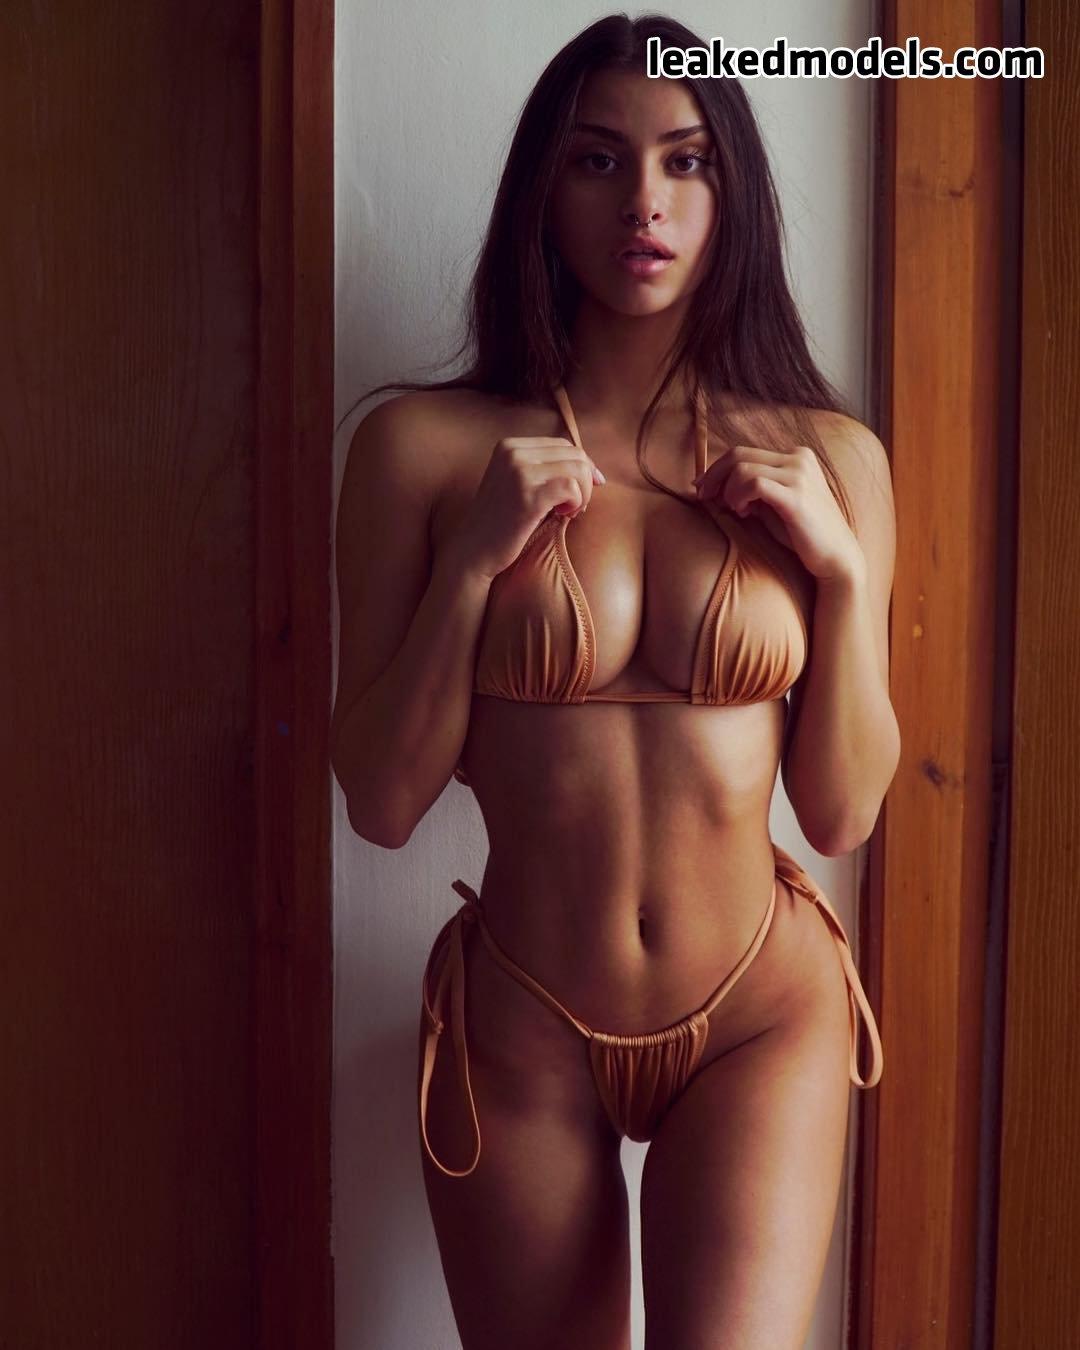 tal adar leaked nude leakedmodels.com 0029 - Tal Adar – _taladar Instagram Sexy Leaks (27 Photos)